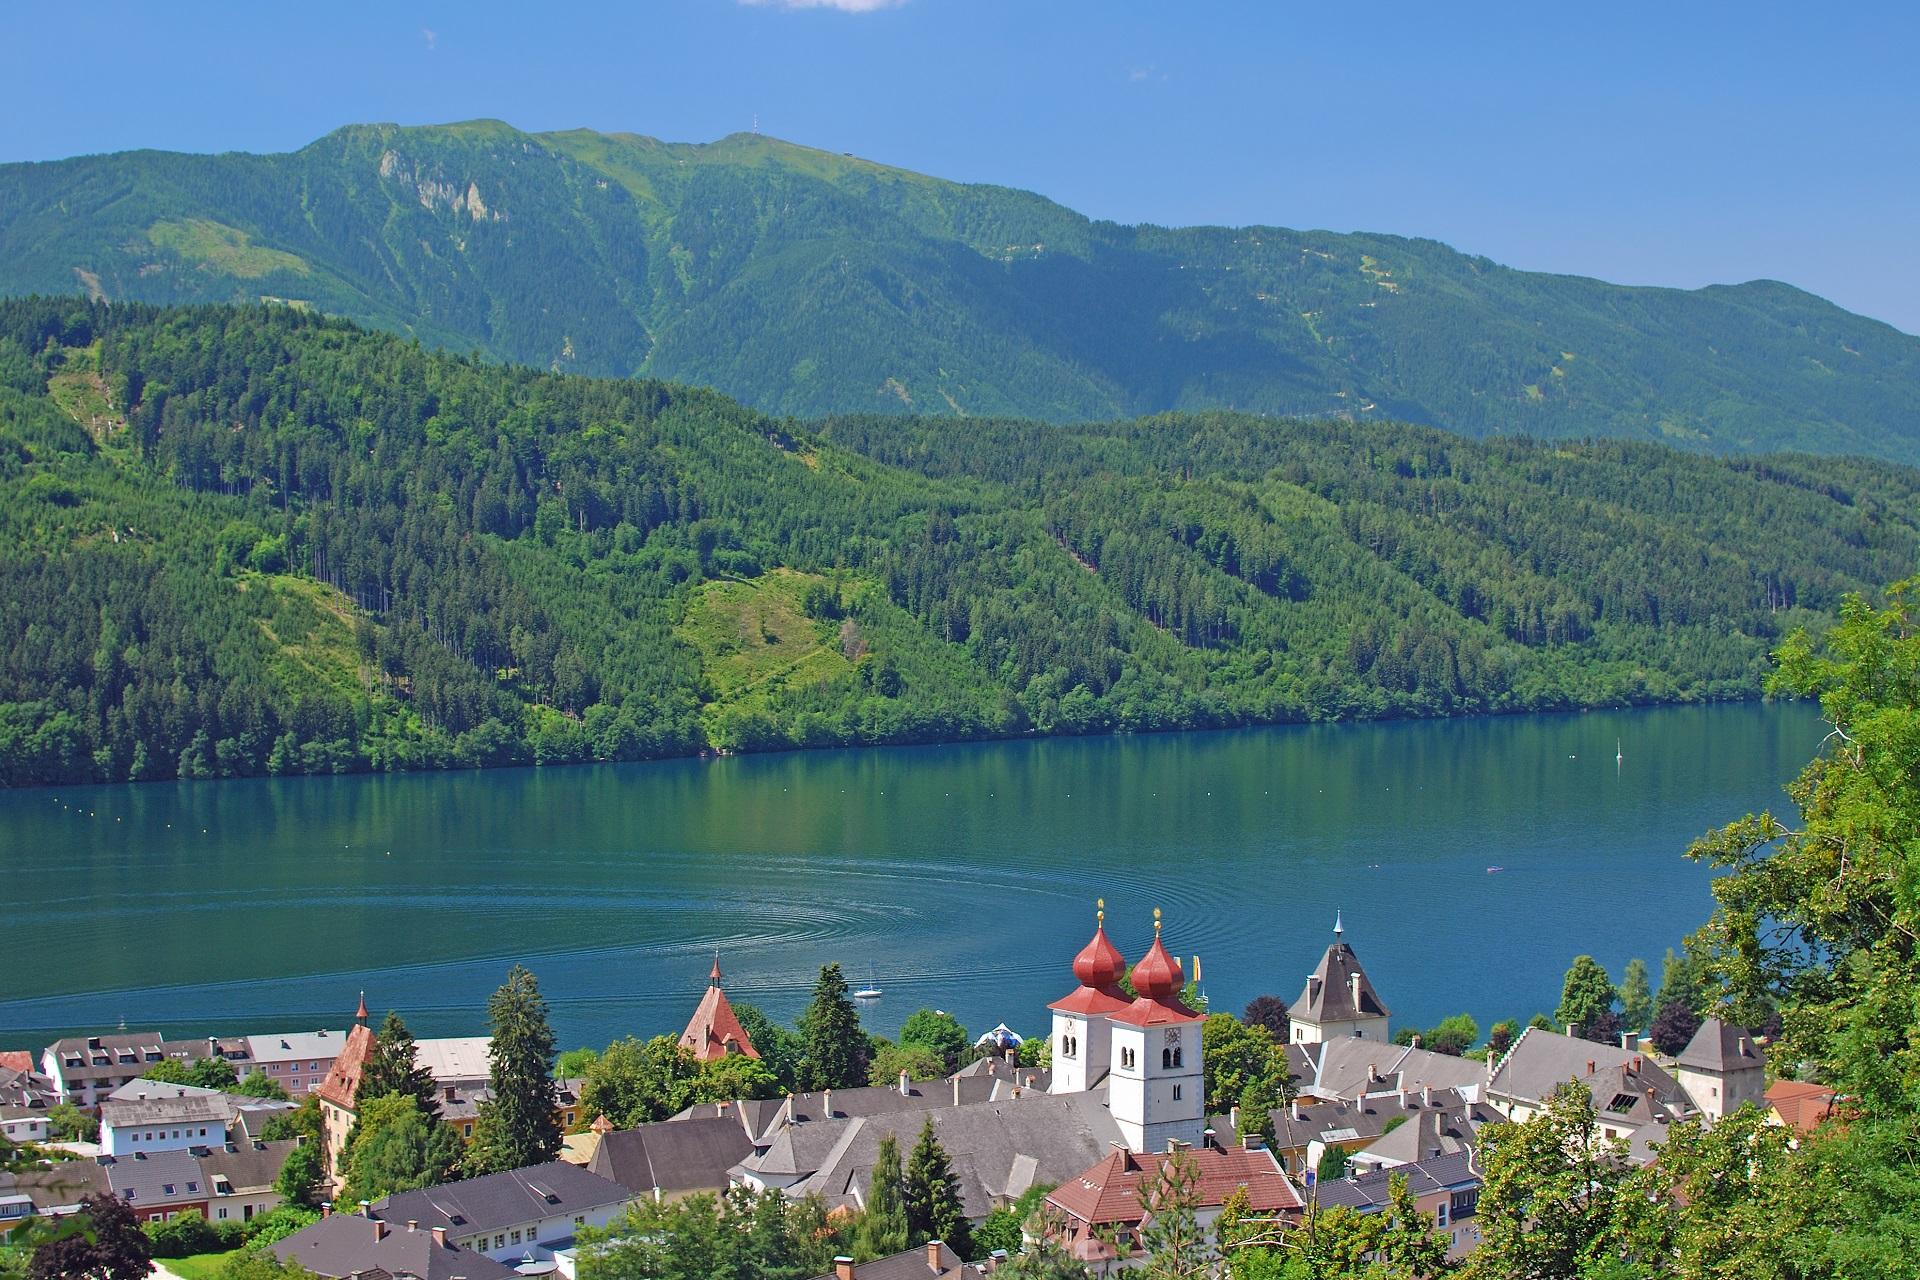 Die schönsten Bergseen der Alpen, Millstätter See